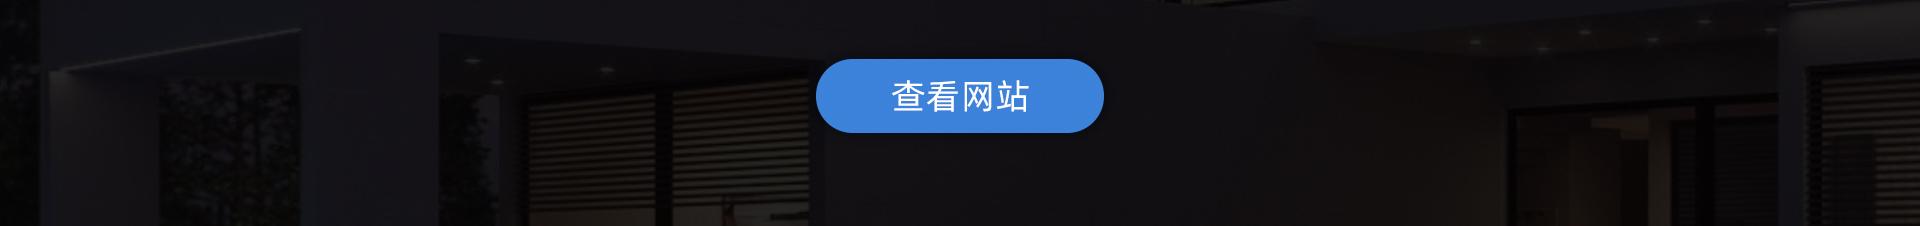 非凡-赵珊珊-方夏建筑设计-北京有限公司_02